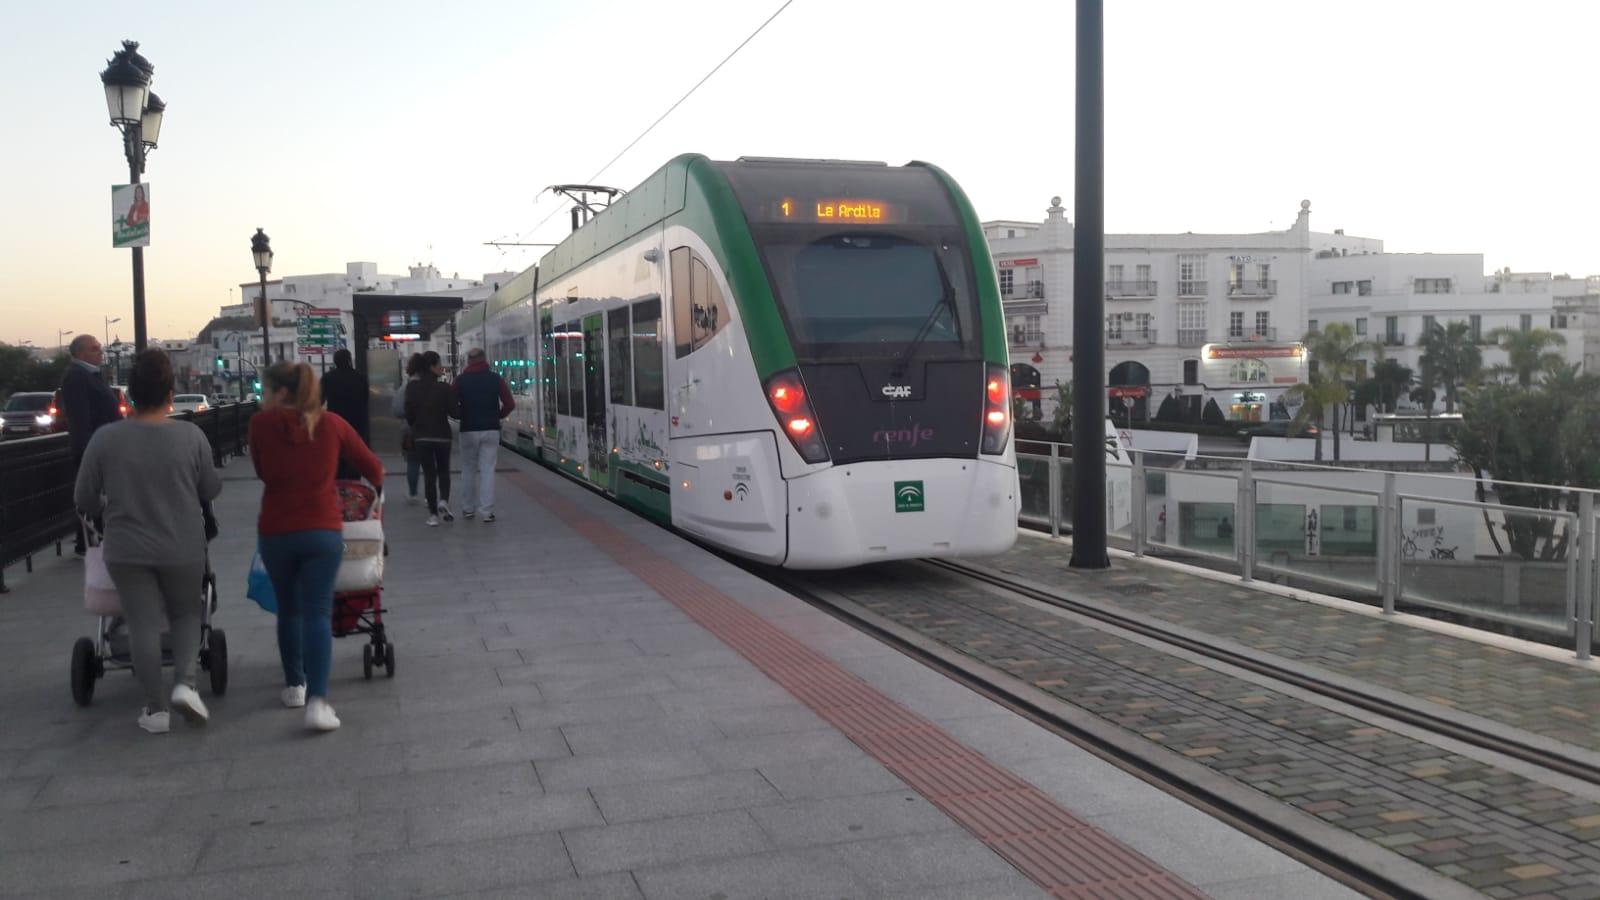 Unidad del tren tram en pruebas, circulando por el trazado urbano de Chiclana